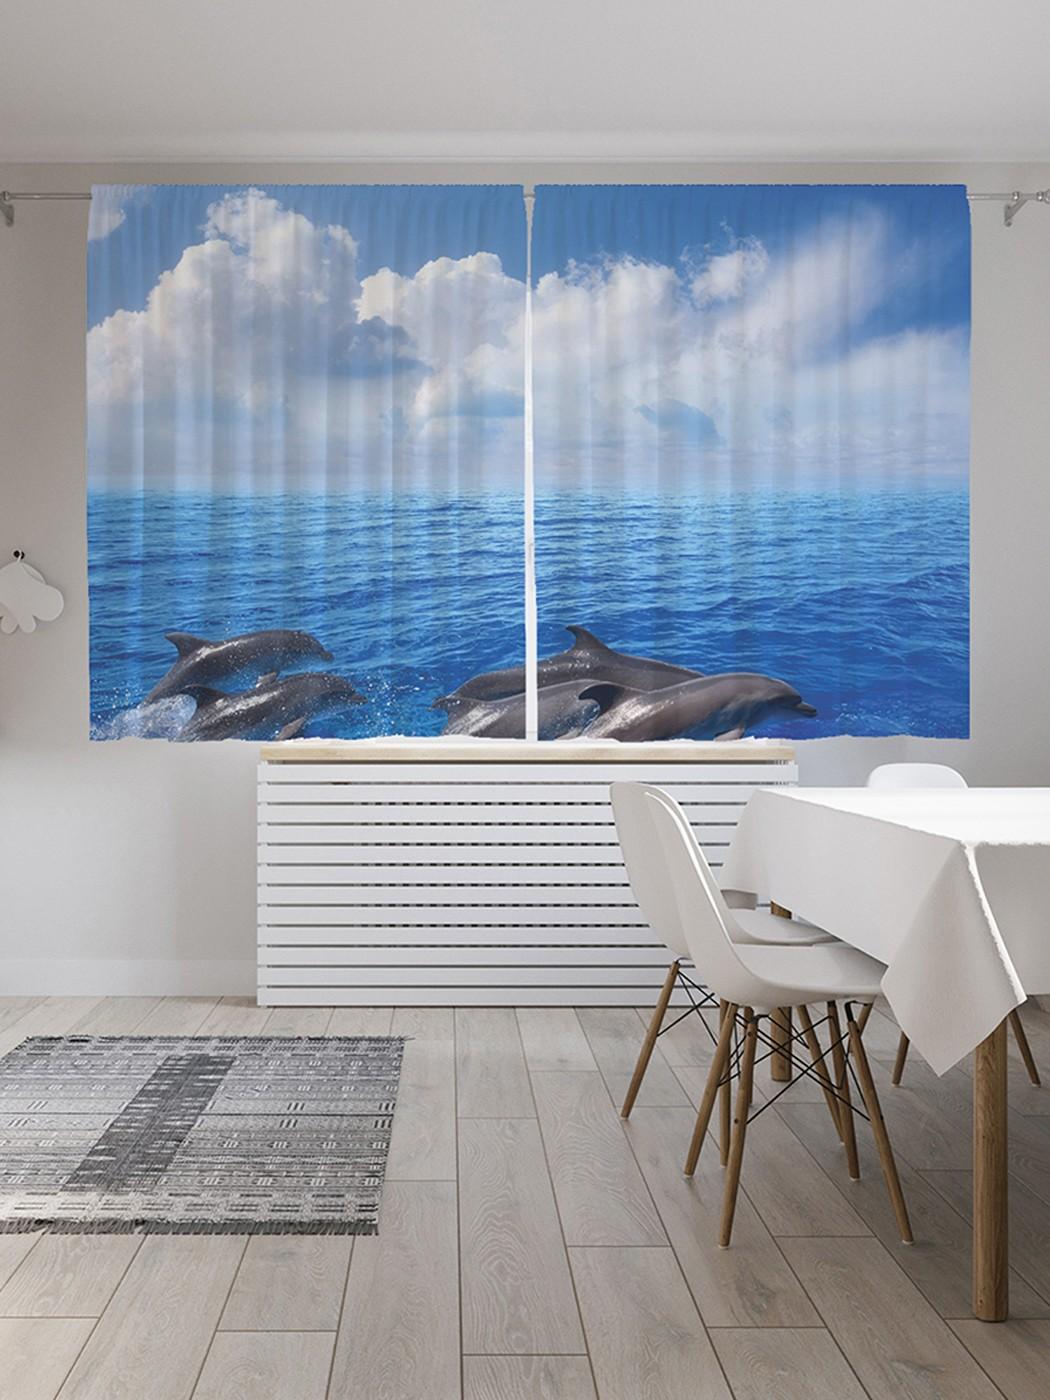 Шторы под лён «Прыгающие дельфины», серия Oxford DeLux, 290х180 см